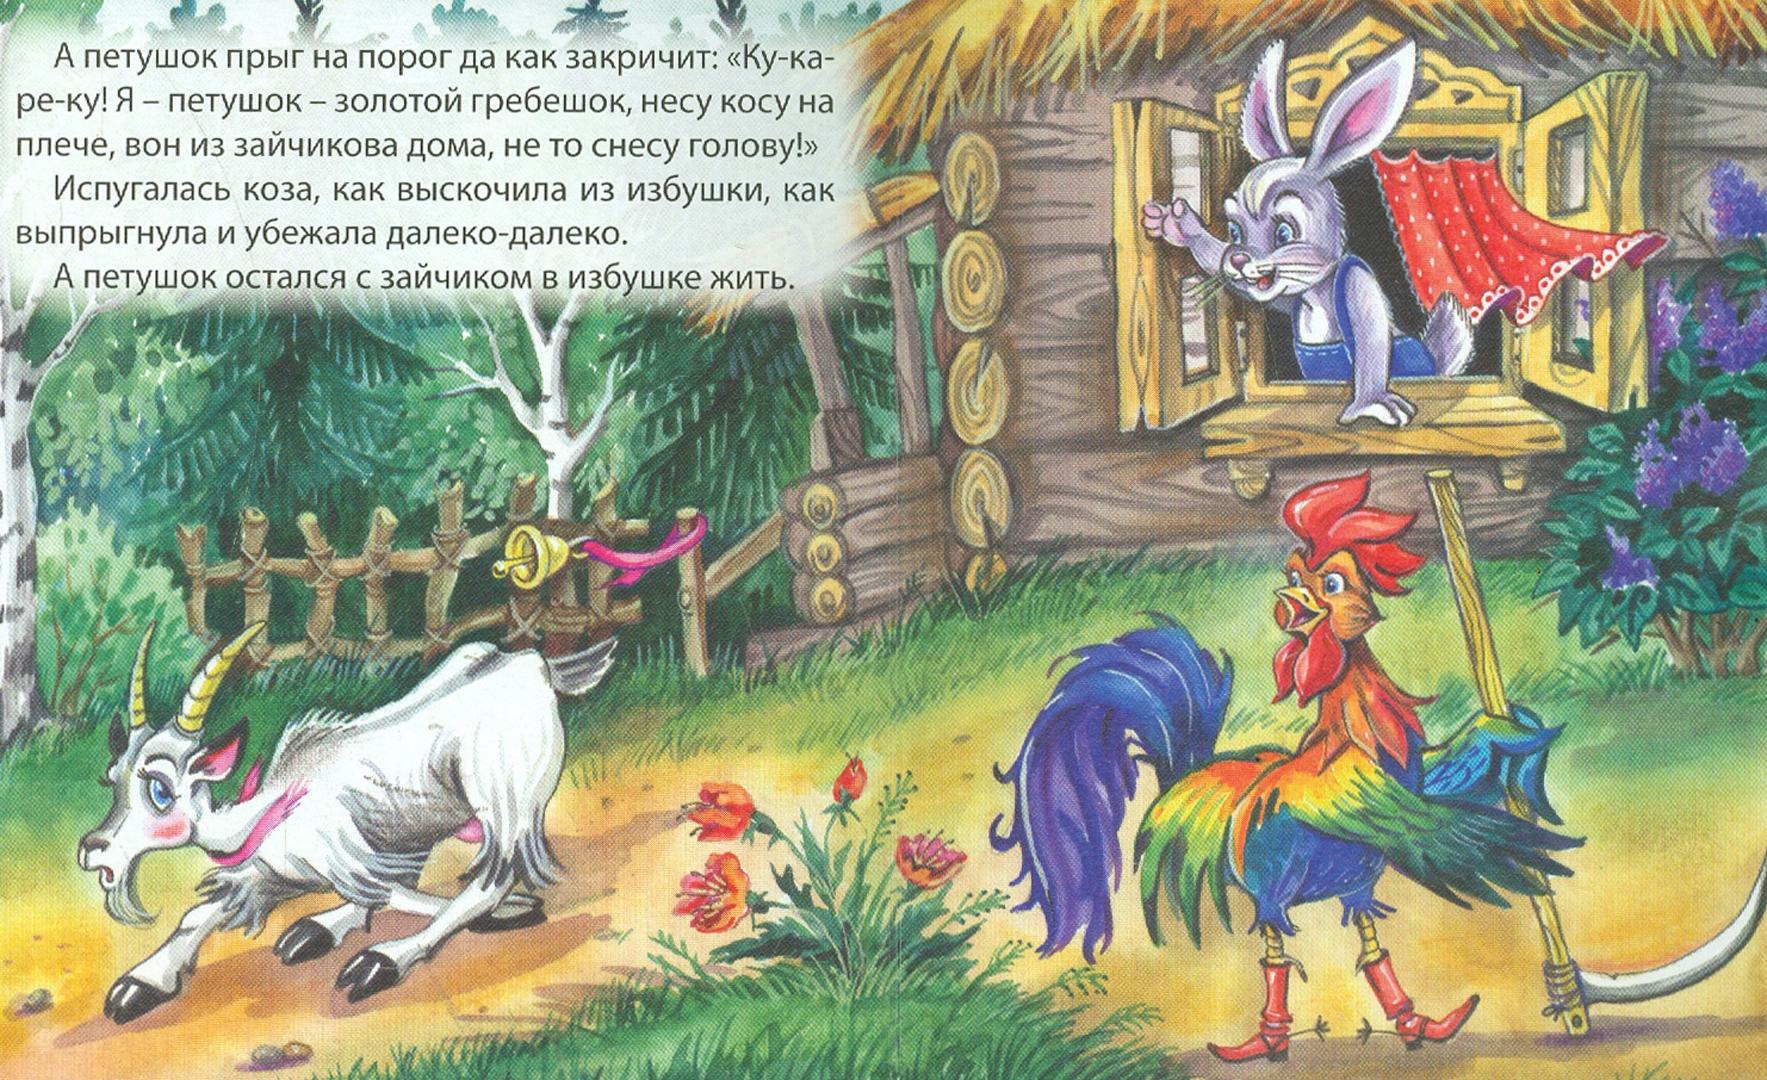 Сказка про козленка в картинках